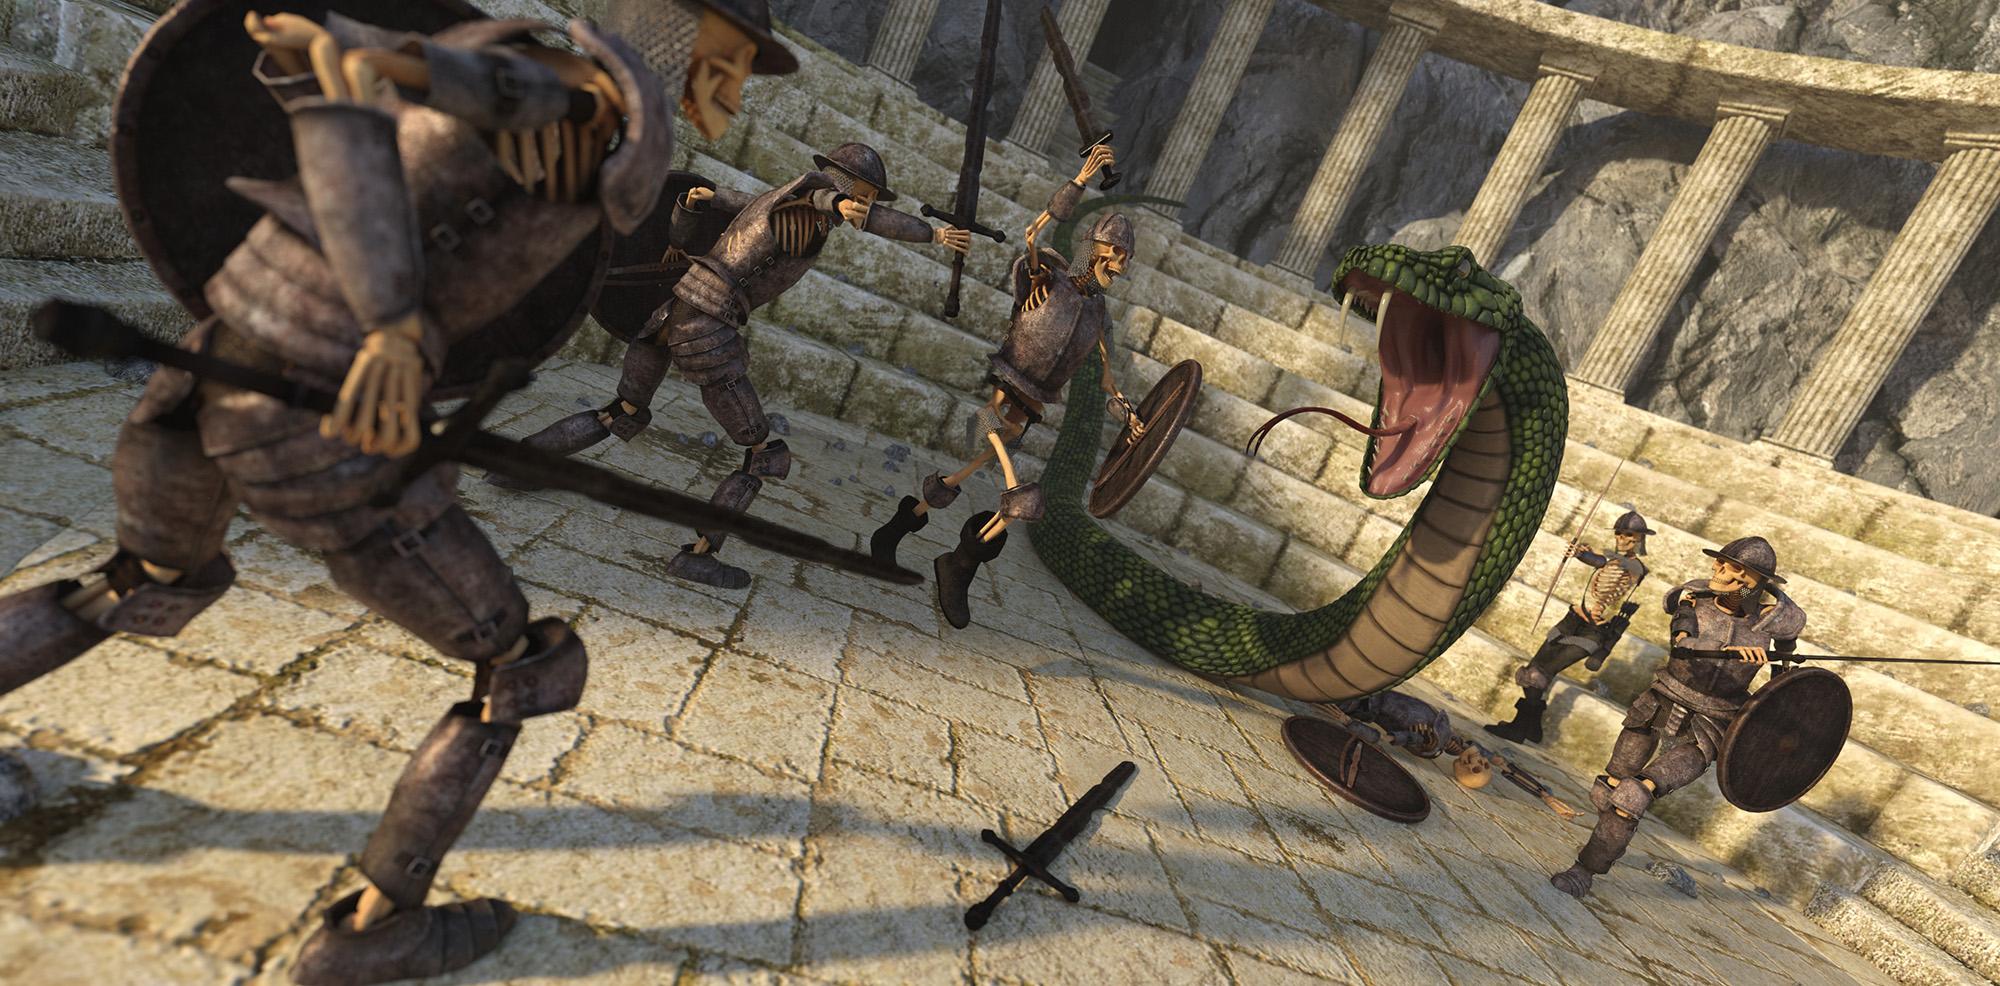 Skeletons vs Snake - Predatron 3D Models